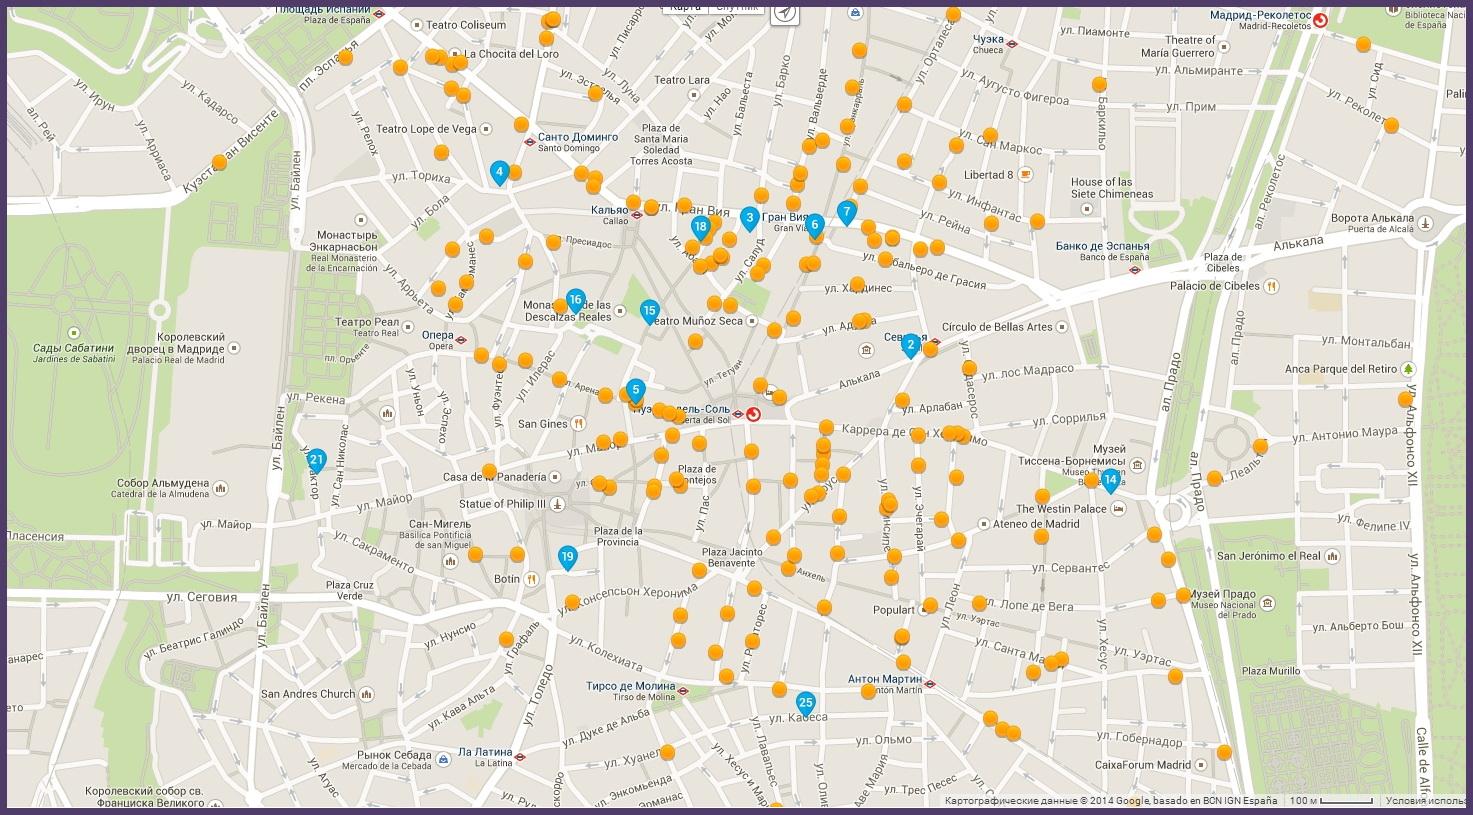 Карта отелей центра Мадрида